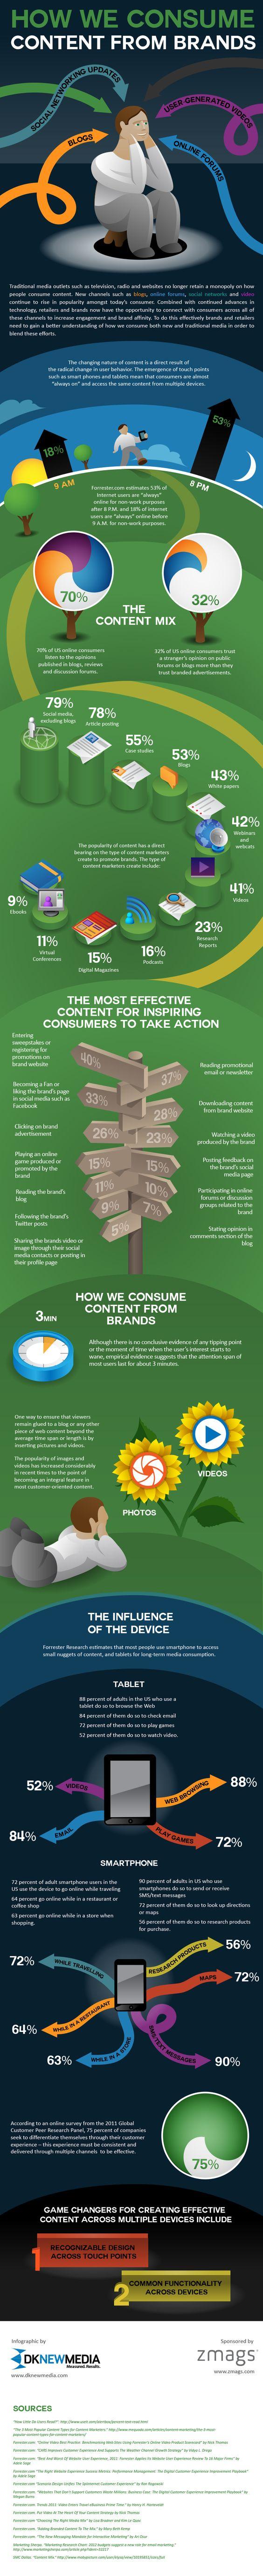 ¿Cómo consumimos el contenido de las marcas? #infografia